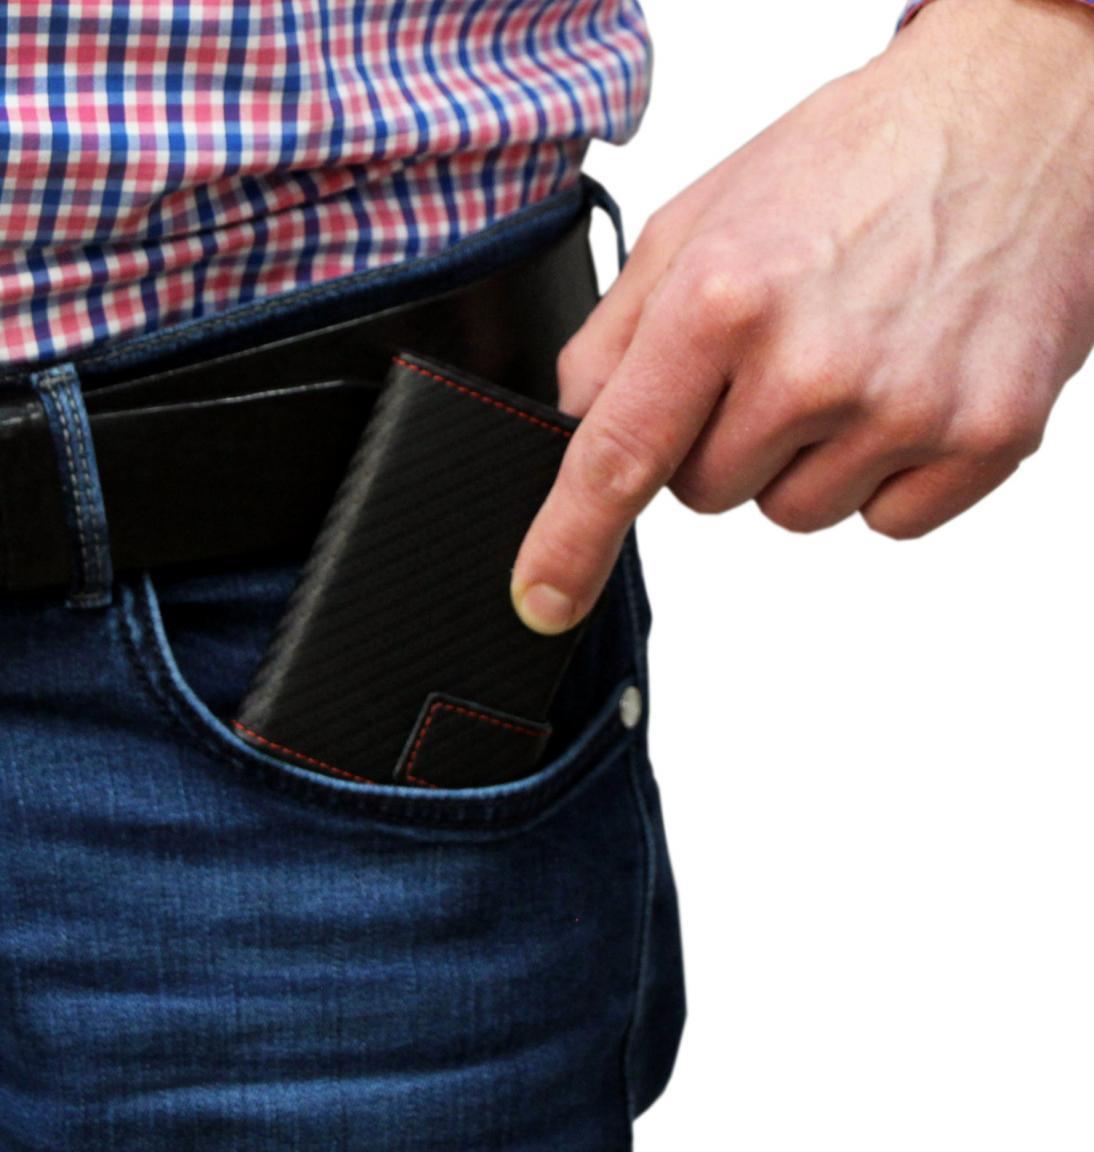 SecWal Cardprotector Carbon schwarz mit roter Naht RFID Schutz